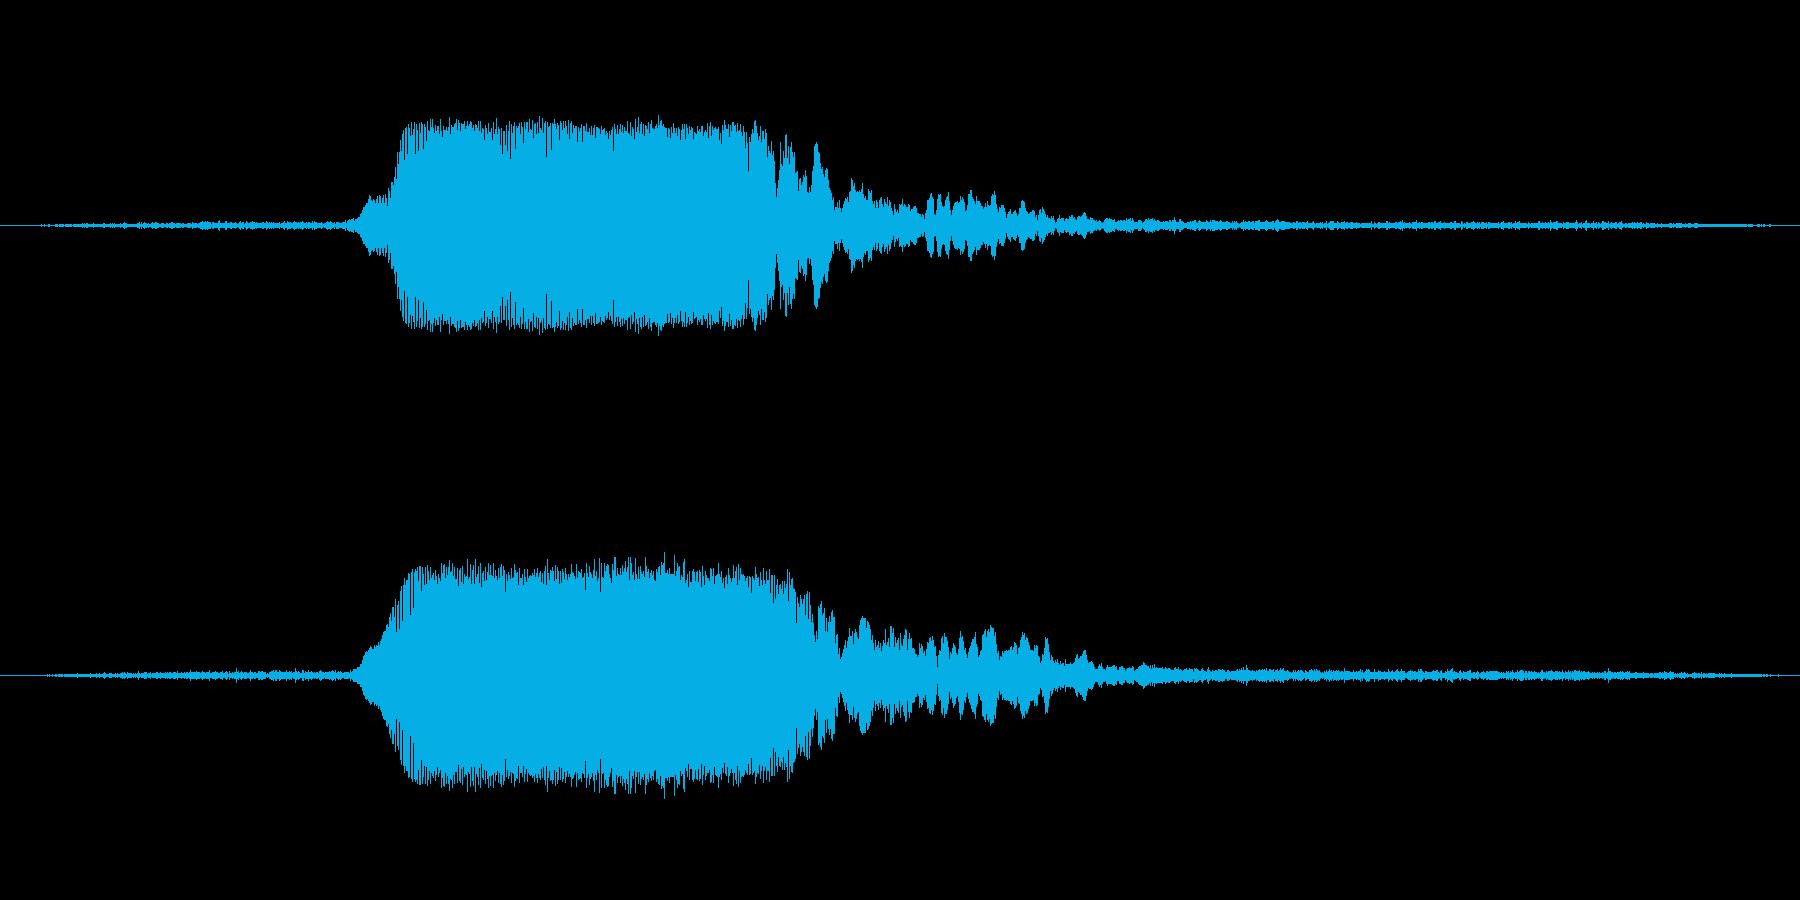 機関車の短い警笛 の再生済みの波形